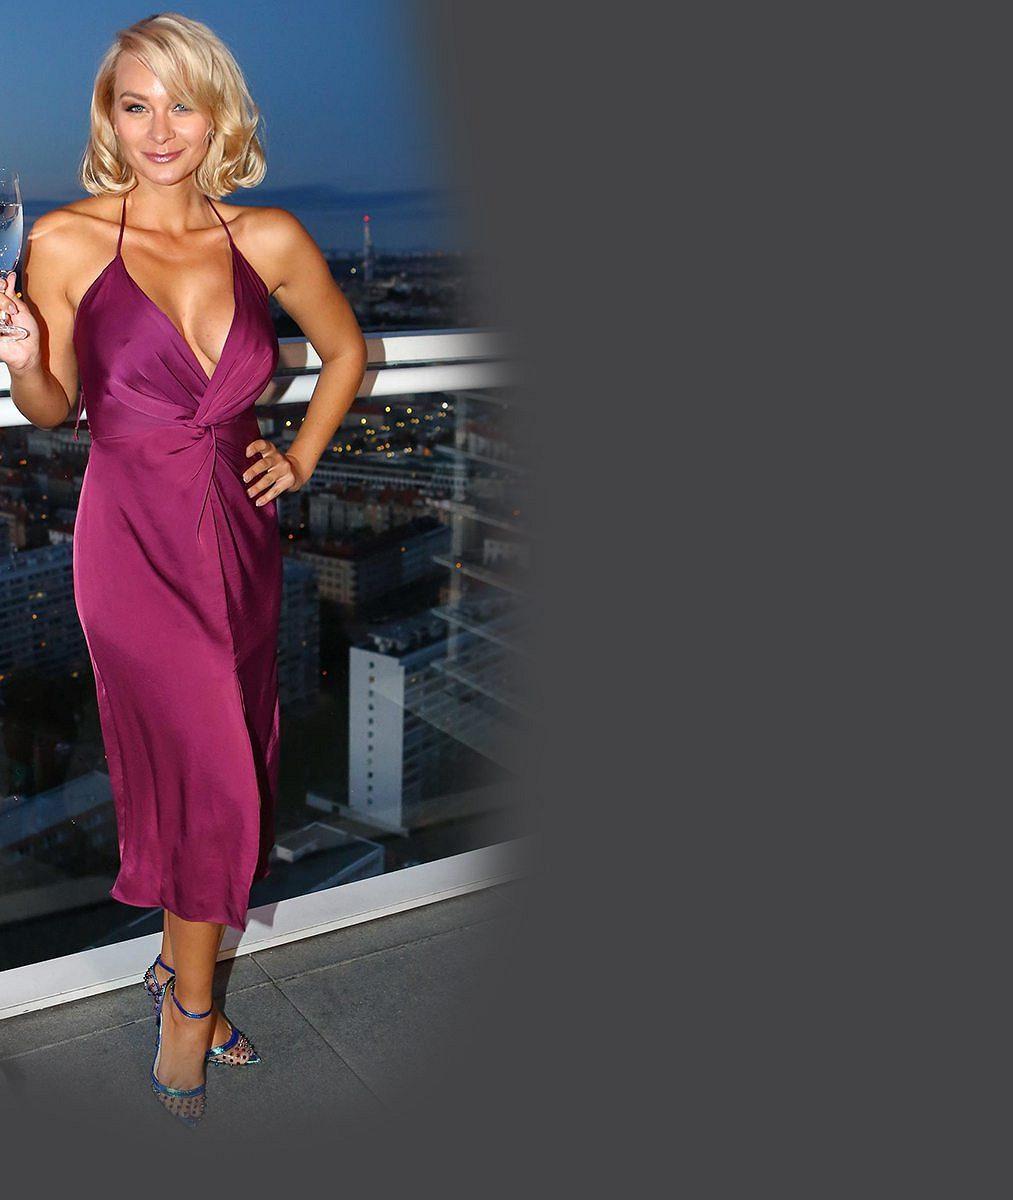 Sexbomba Mottlová převedla své hříšné tělo: Tyhle fotky vás rozhodně nenechají vklidu